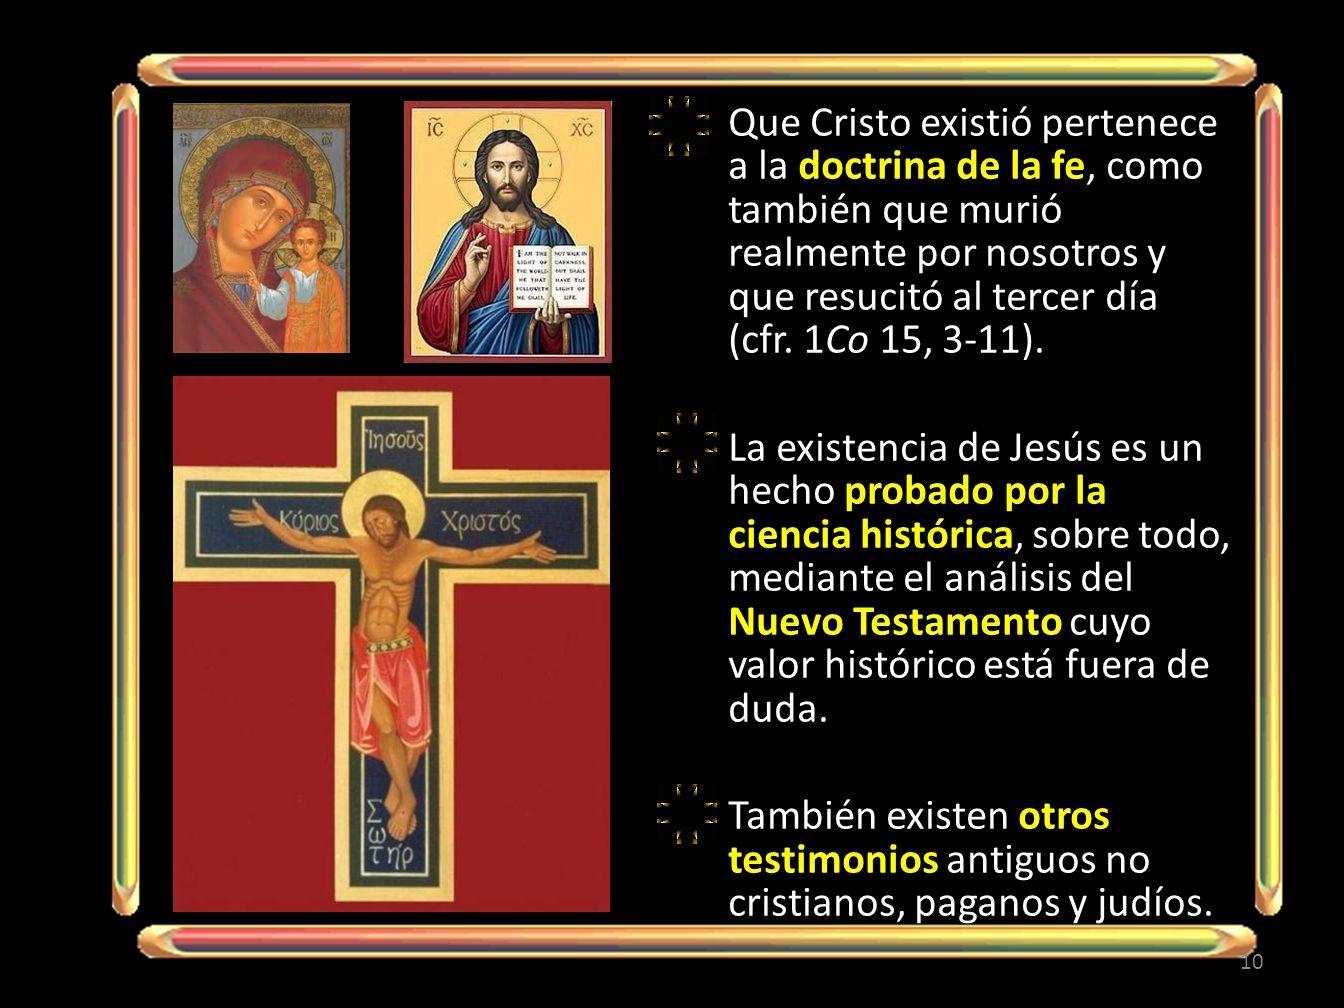 Que Cristo existió pertenece a la doctrina de la fe, como también que murió realmente por nosotros y que resucitó al tercer día (cfr. 1Co 15, 3-11). L